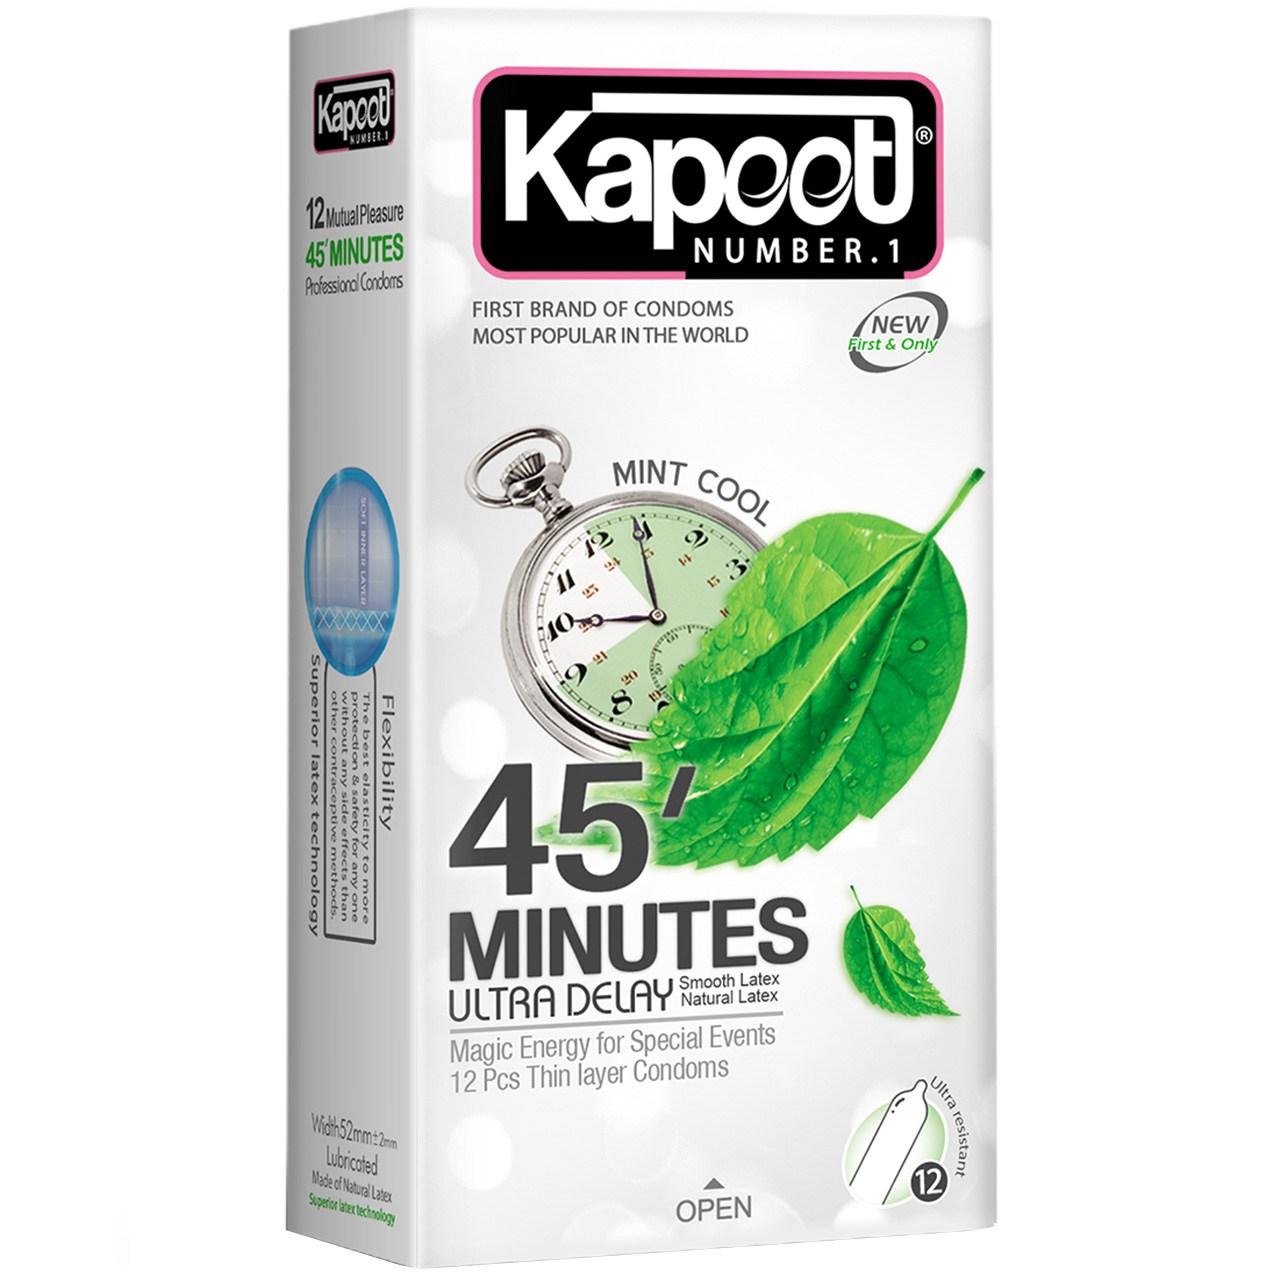 کاندوم کاپوت مدل 45 Minutes بسته 12 عددی